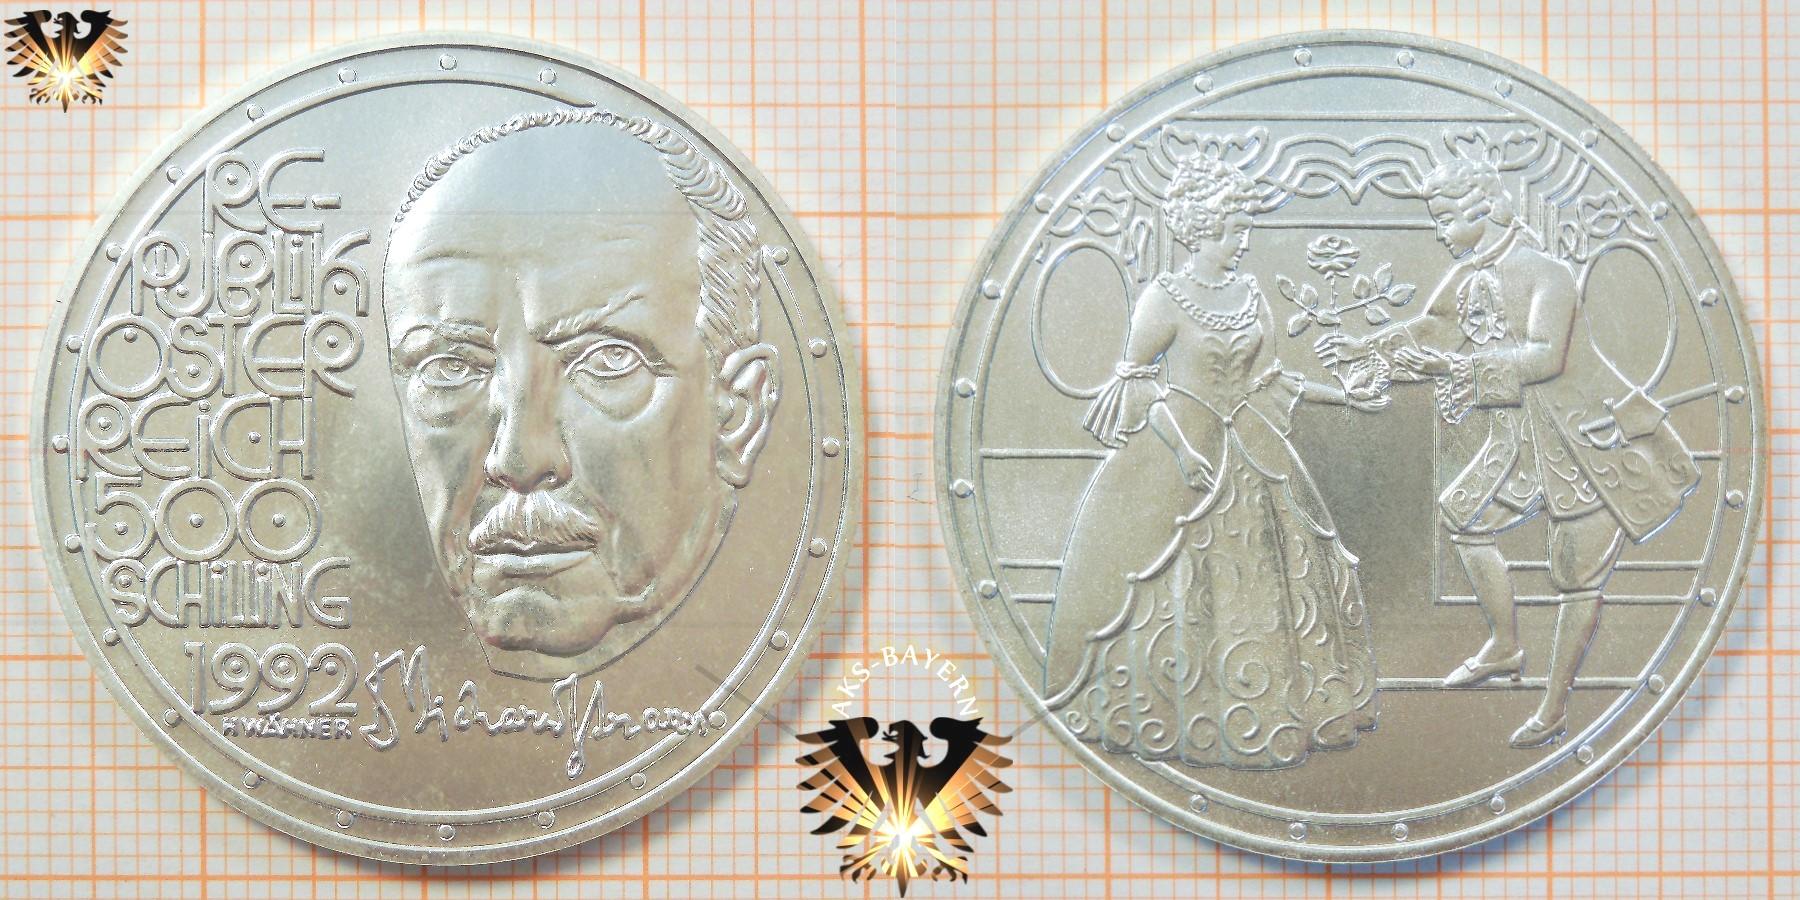 500 Schilling 1992 Richard Strauss Silbermünze österreich